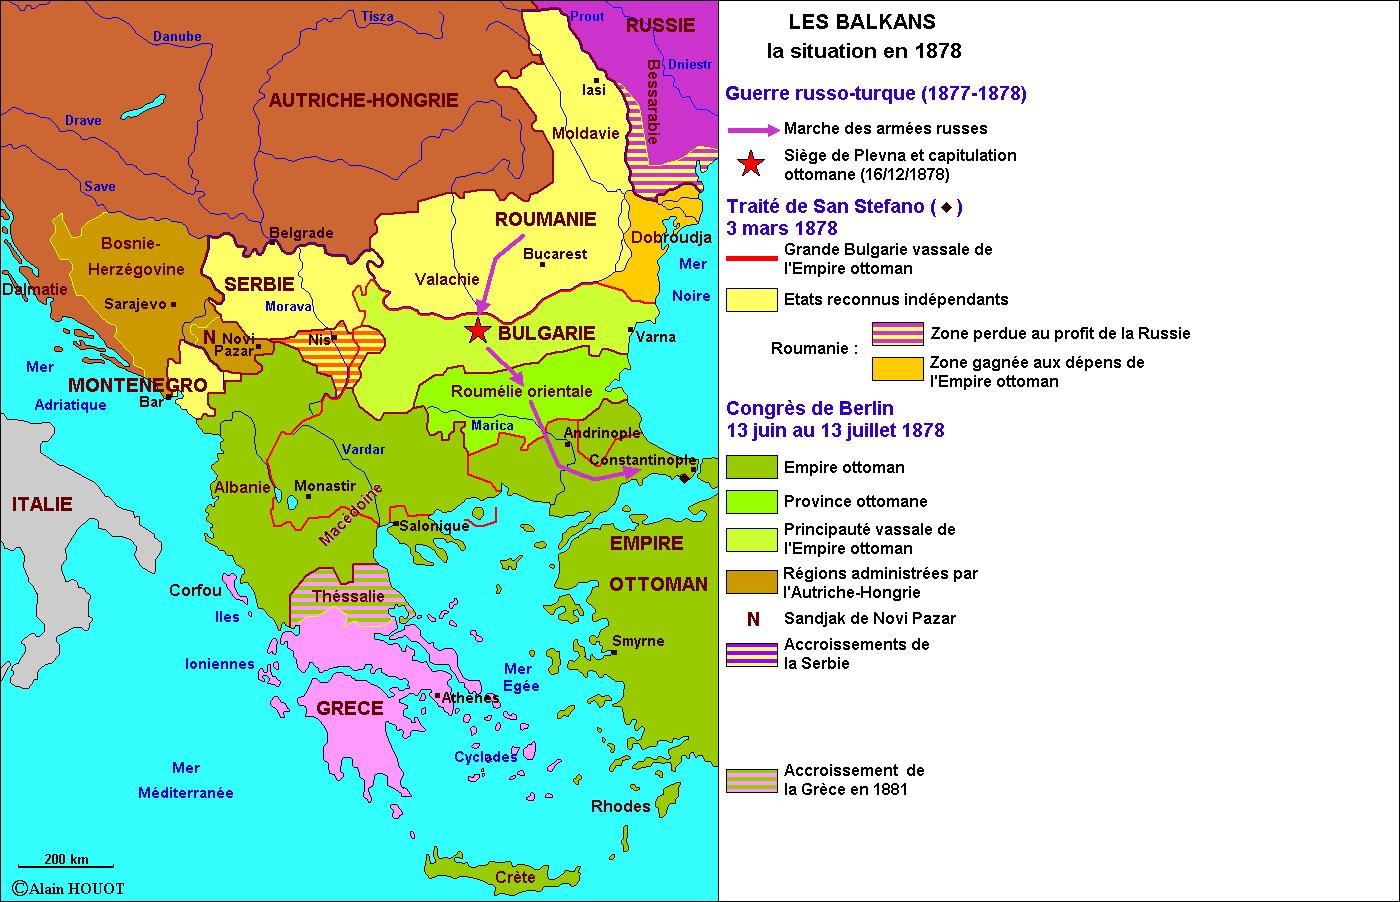 Les Balkans, 1878